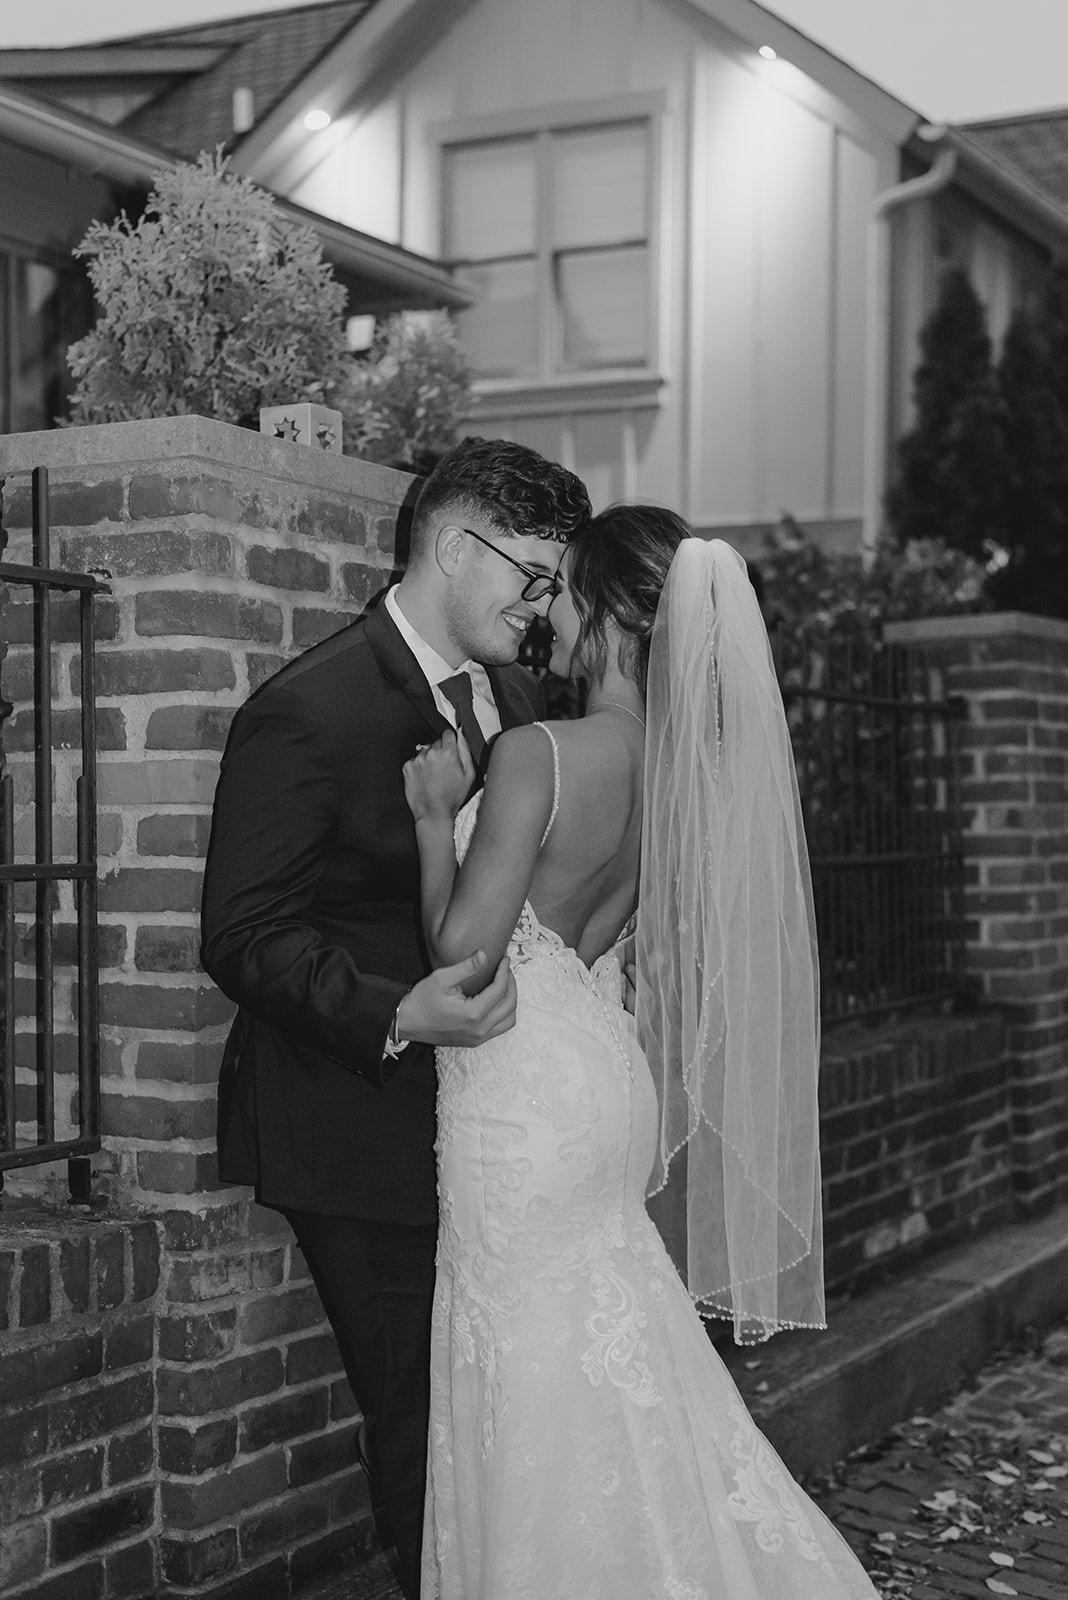 Kalika and I posing for a couples shot post-wedding